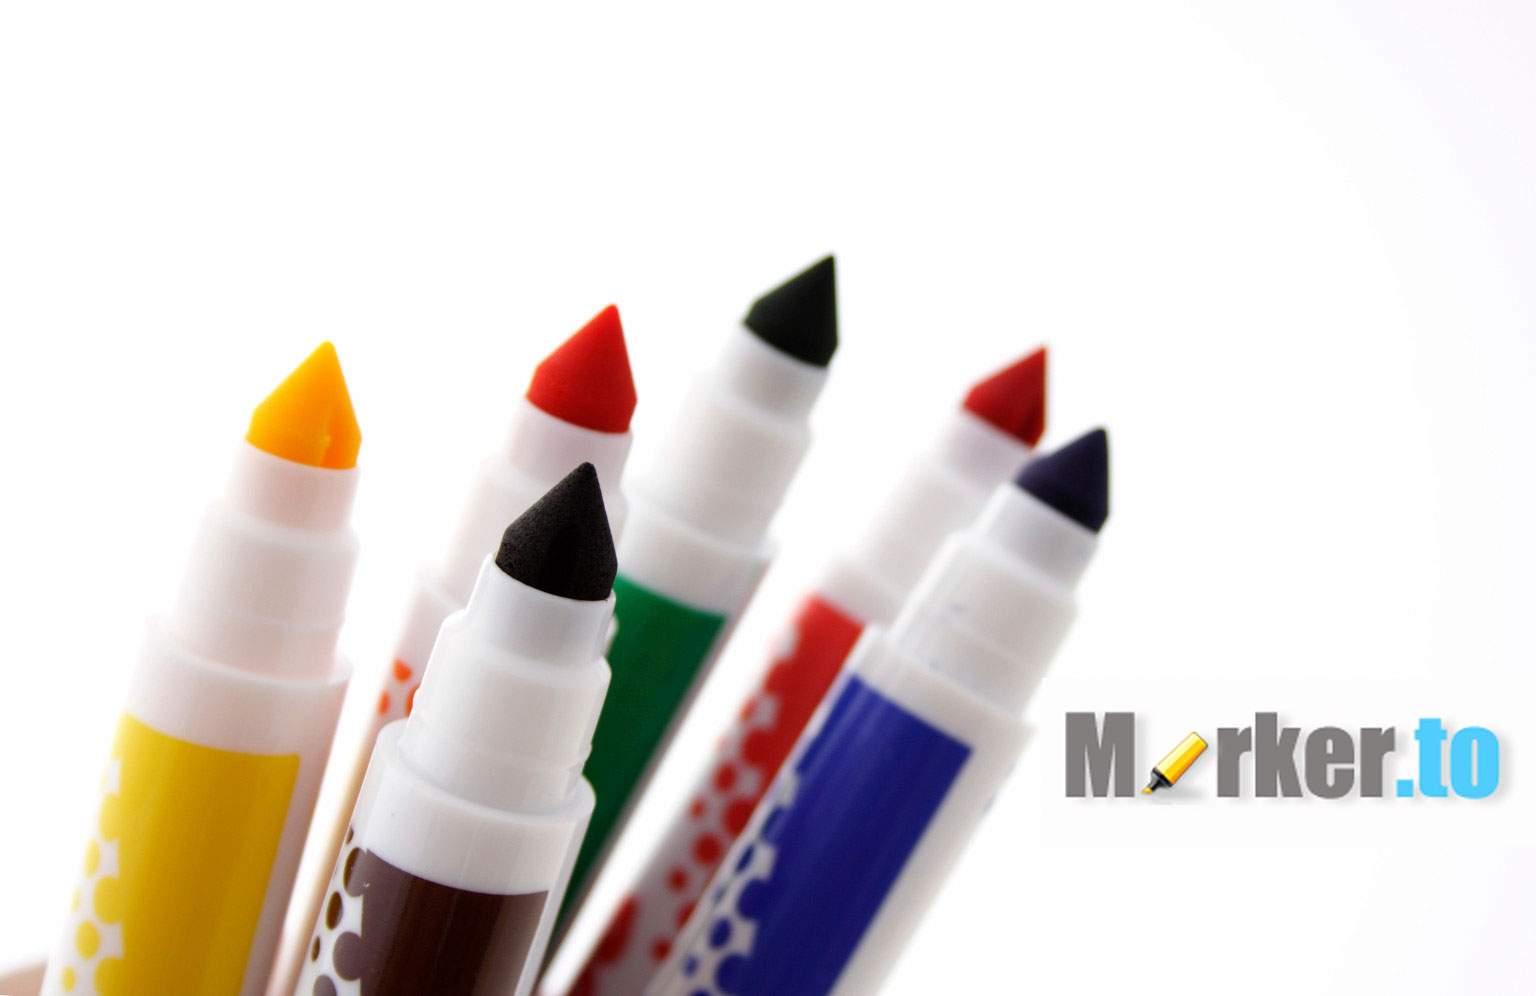 شارك معلوماتك الهامة بخطوة واحدة من خلال قلم التحديد